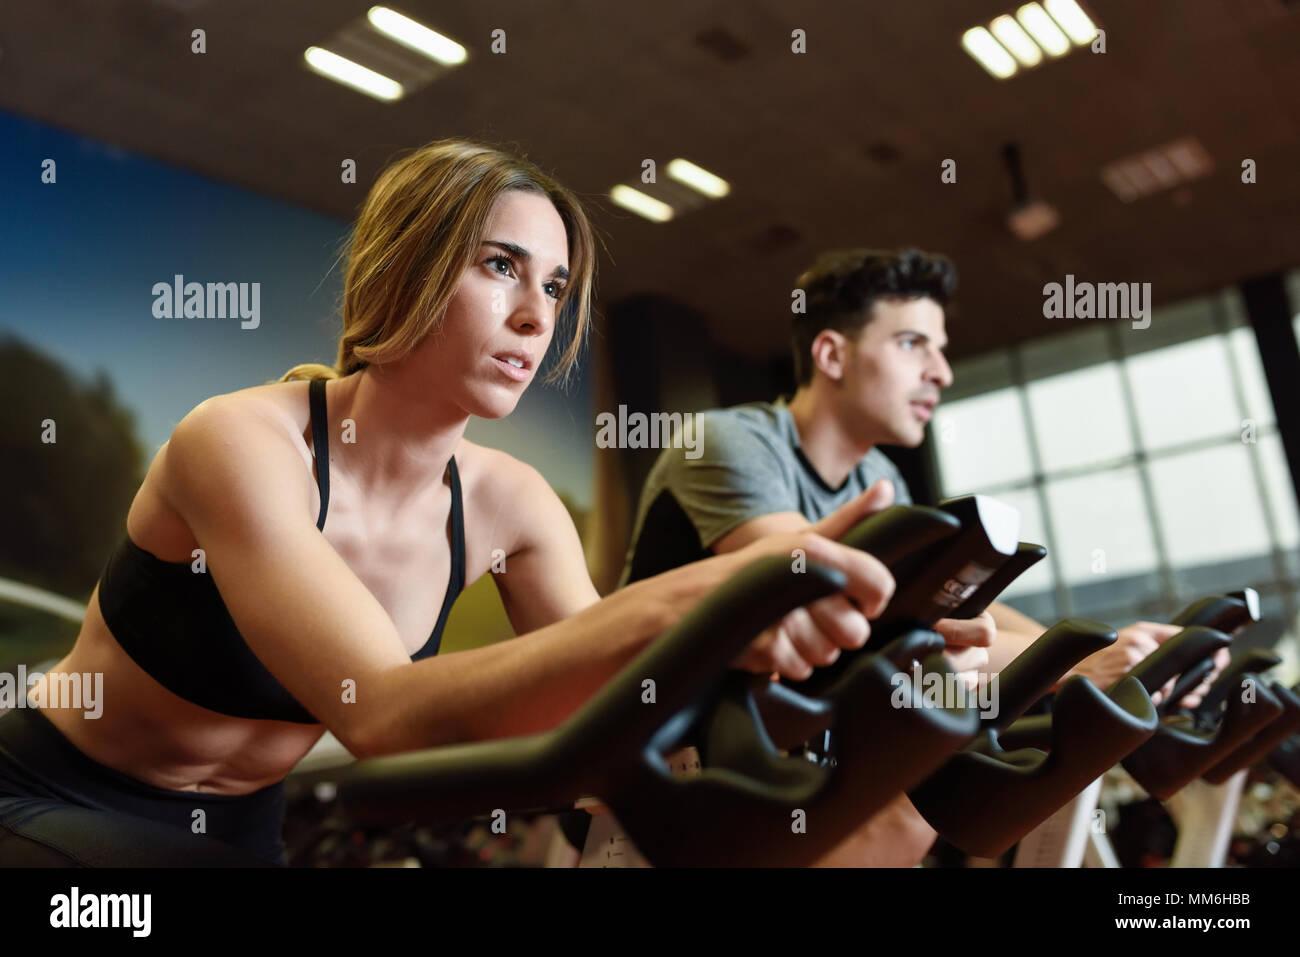 Attraente donna e uomo mountain bike in palestra, esercitando le gambe facendo cardio allenamento ciclismo biciclette. Matura in una classe di filatura di indossare abbigliamento sportivo. Immagini Stock